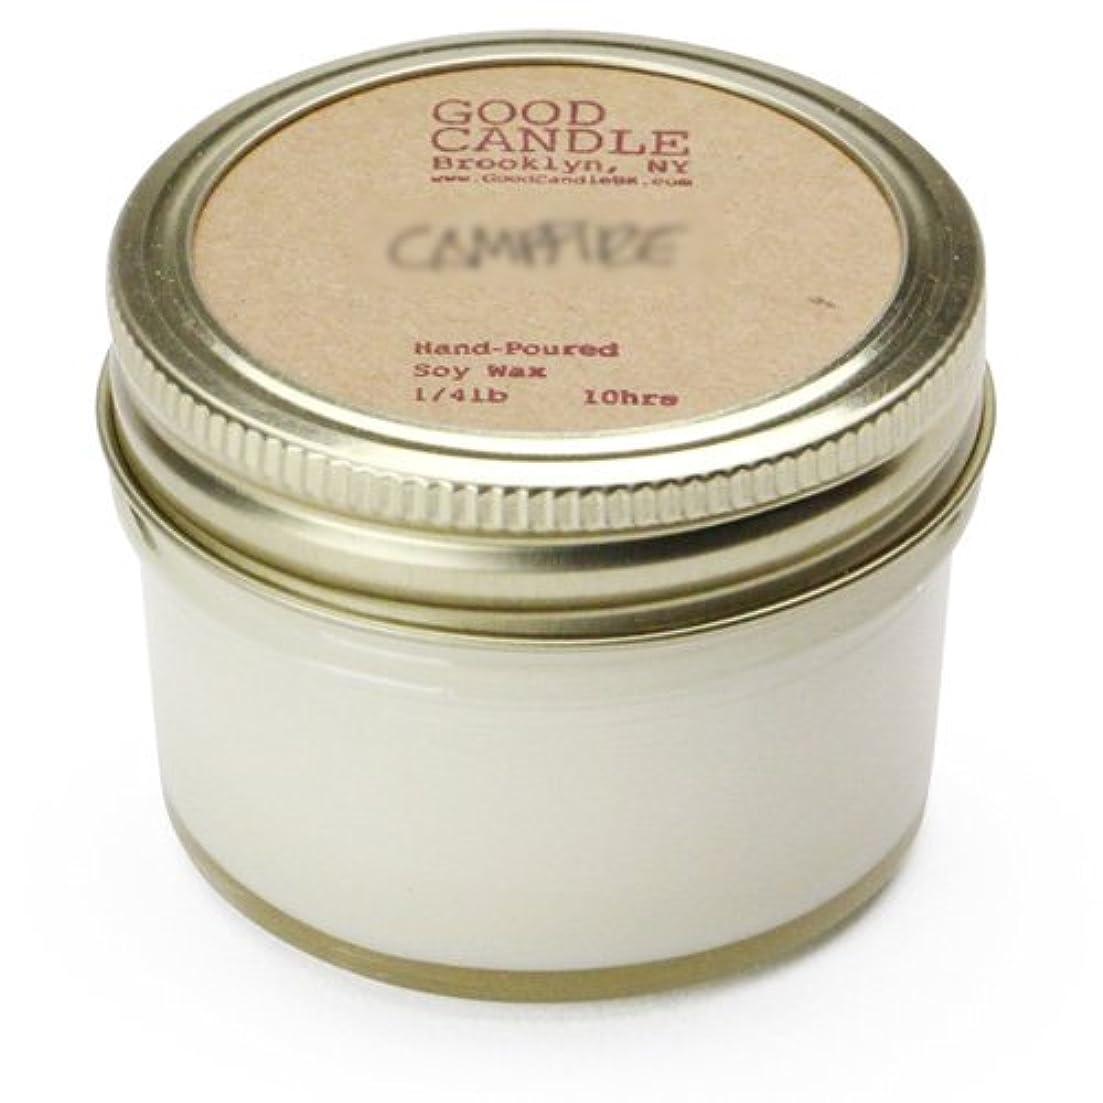 幅噛むコーデリアグッドキャンドル 1/4ポンド ゼリージャー キャンドル Good Candle 1/4LB Jelly jar candle [ Wash board ] 正規品